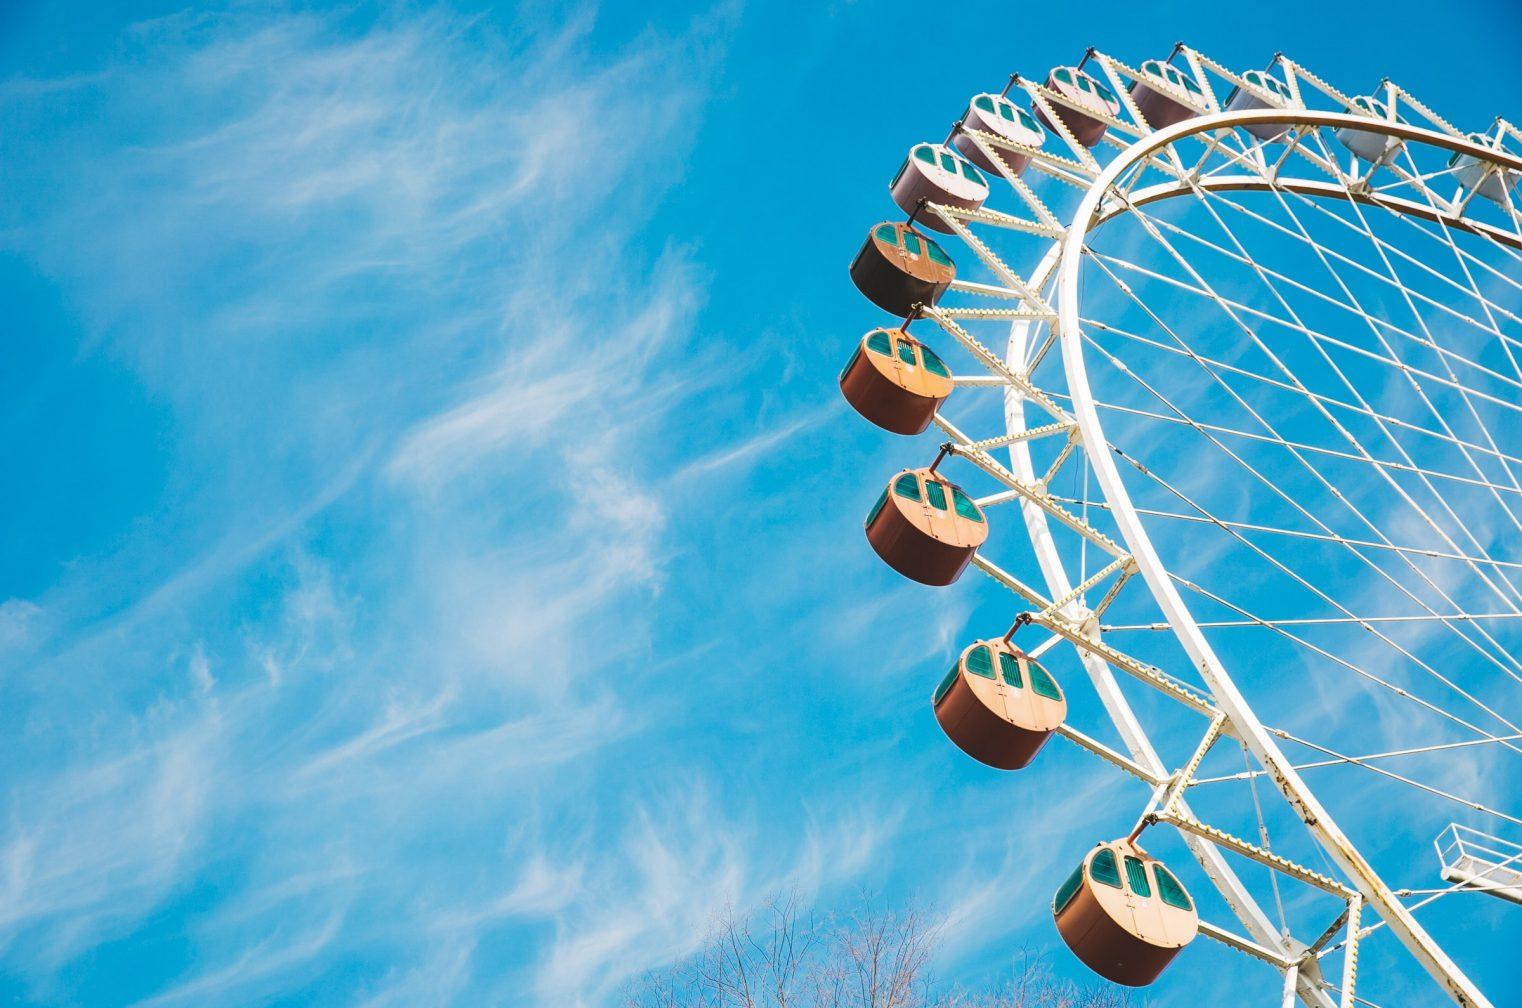 テーマパーク、遊園地こそ映像を作るべき7つの理由